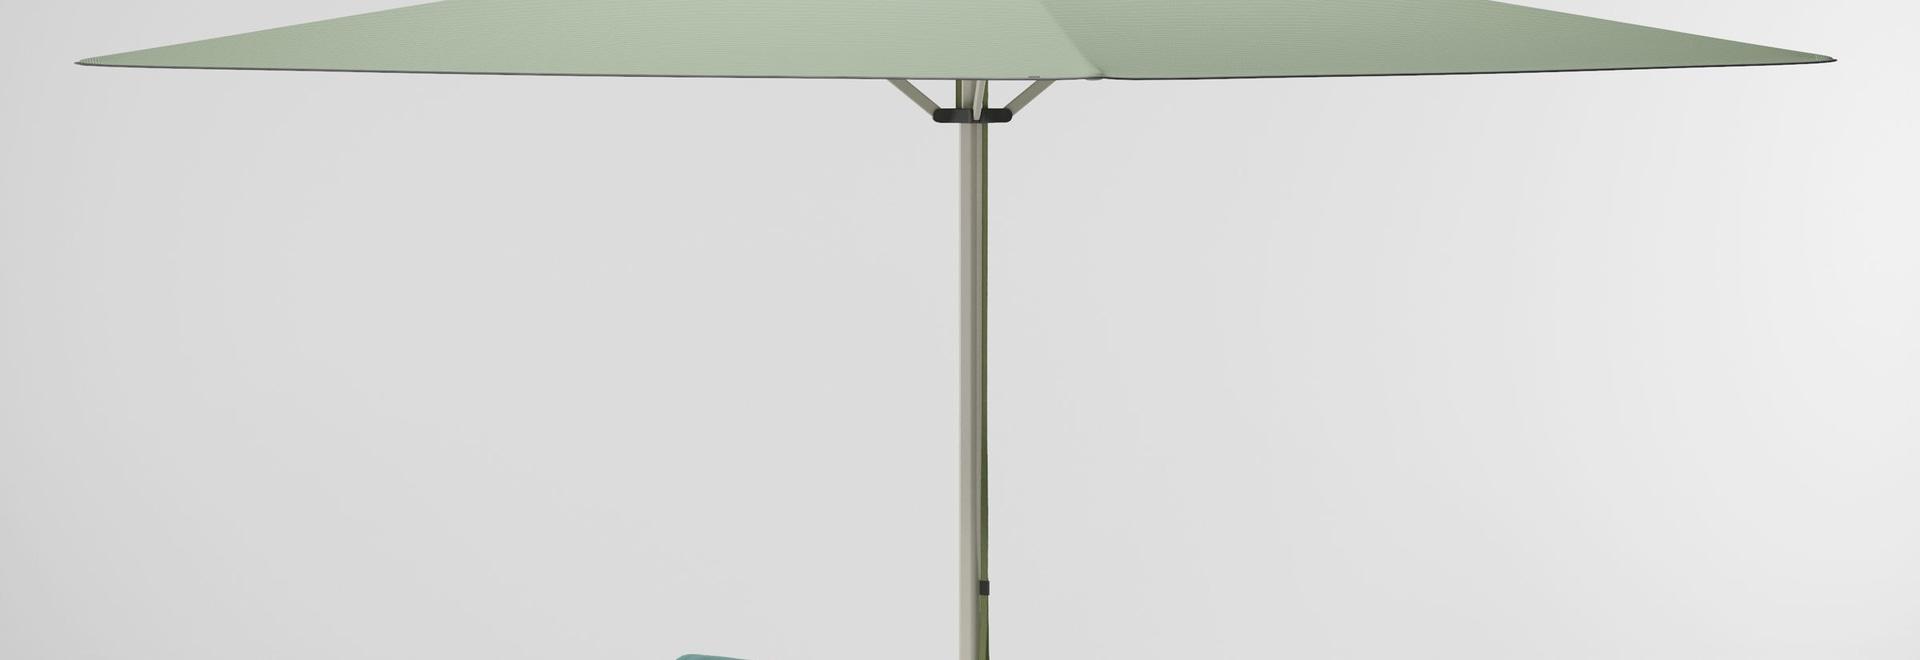 Meteo ajoute trois adaptations fonctionnelles à sa base de parapluie